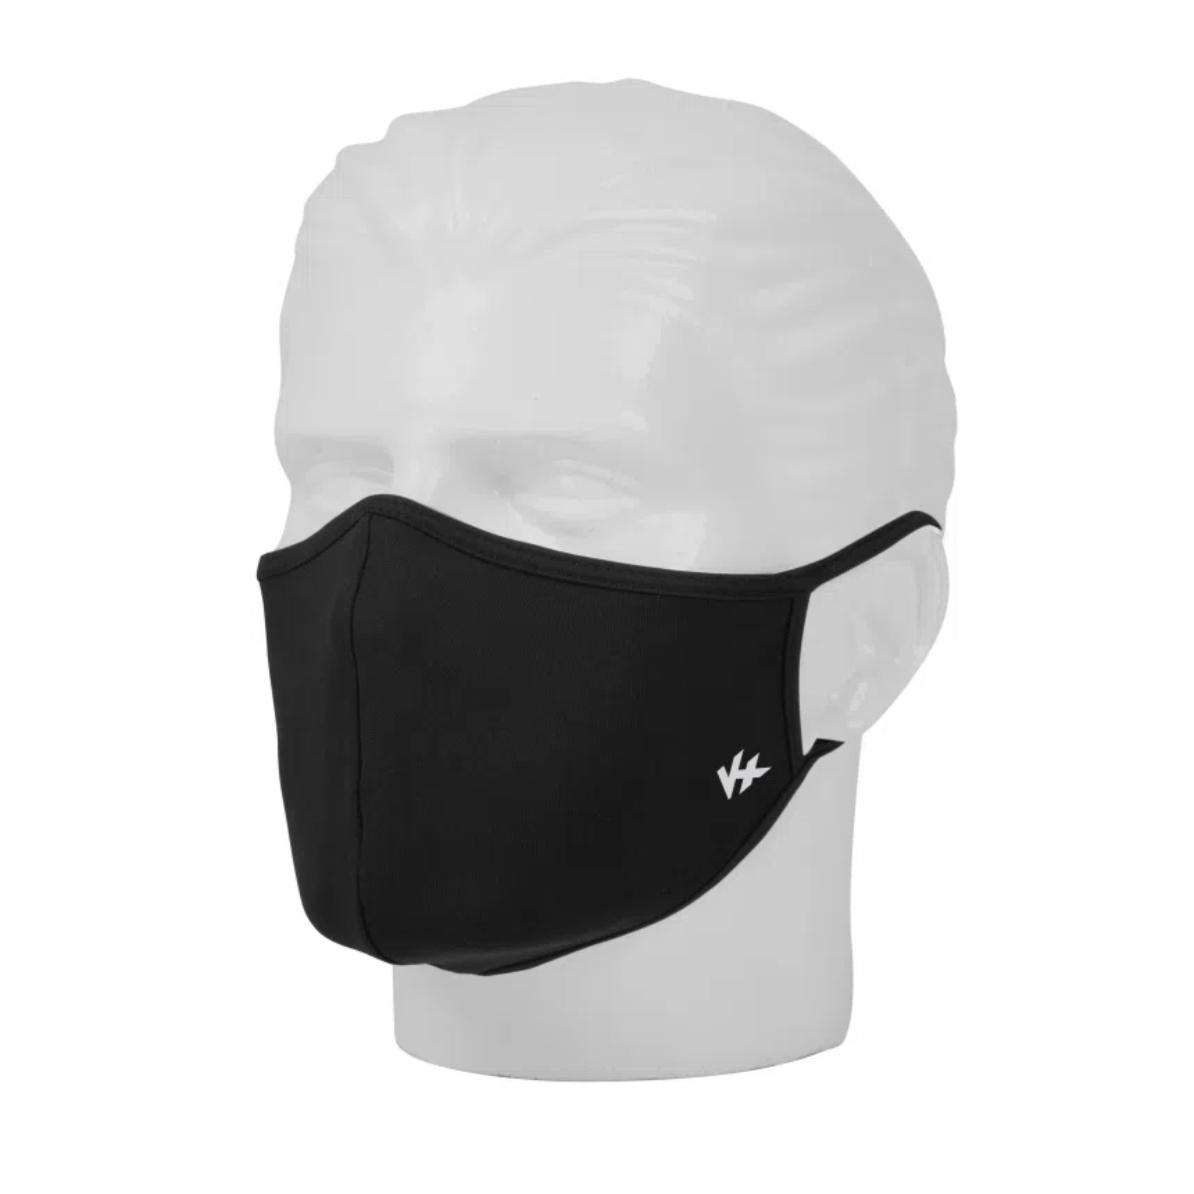 Mascara de uso Social Adulto Antiviral/ Anti Odor/ Proteção U.V. preto - 2 Unidade